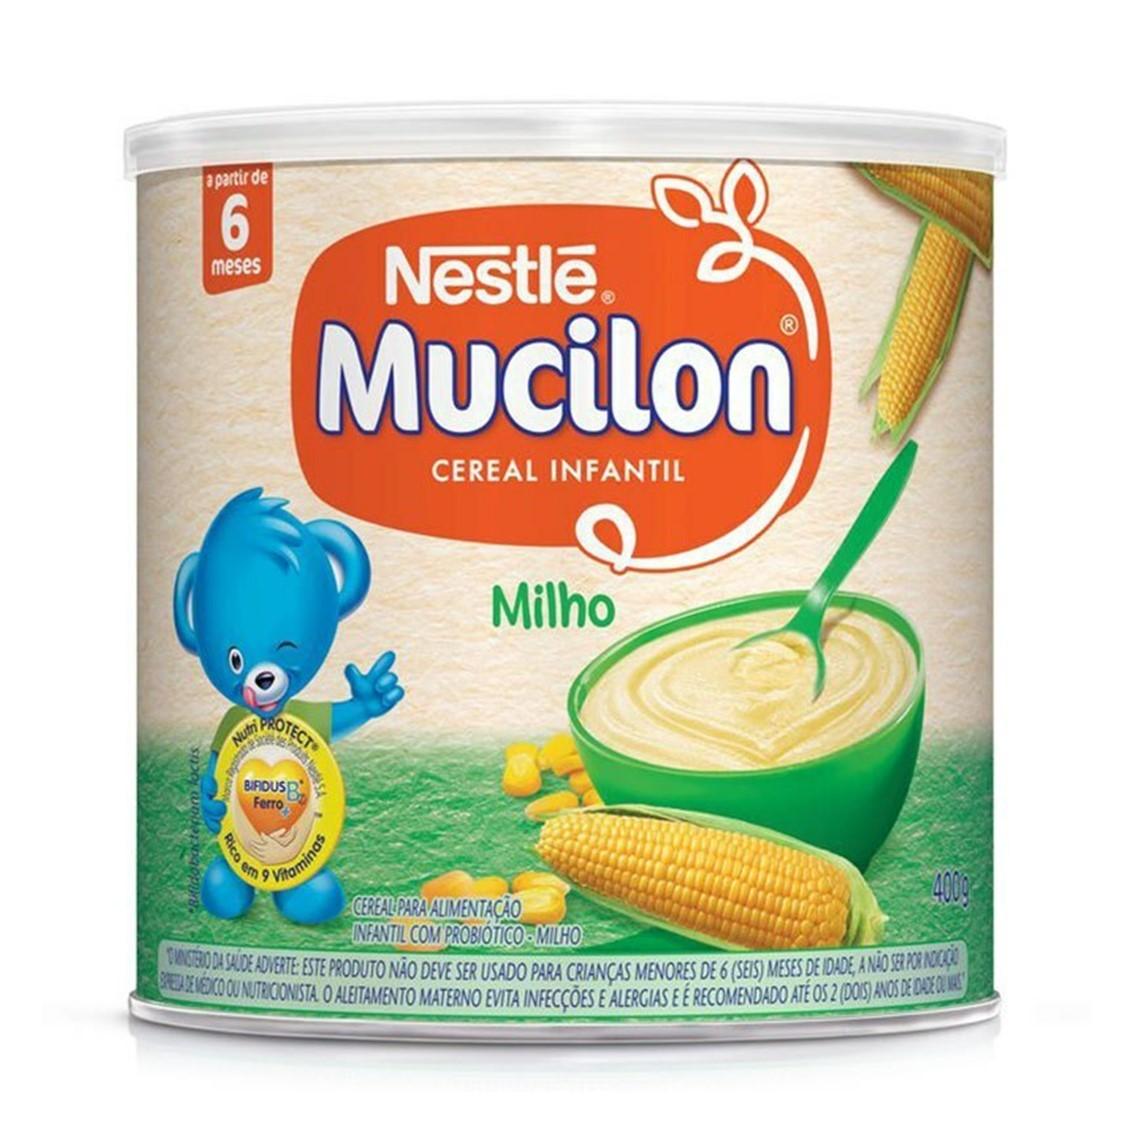 MUCILON MILHO 400G nestle